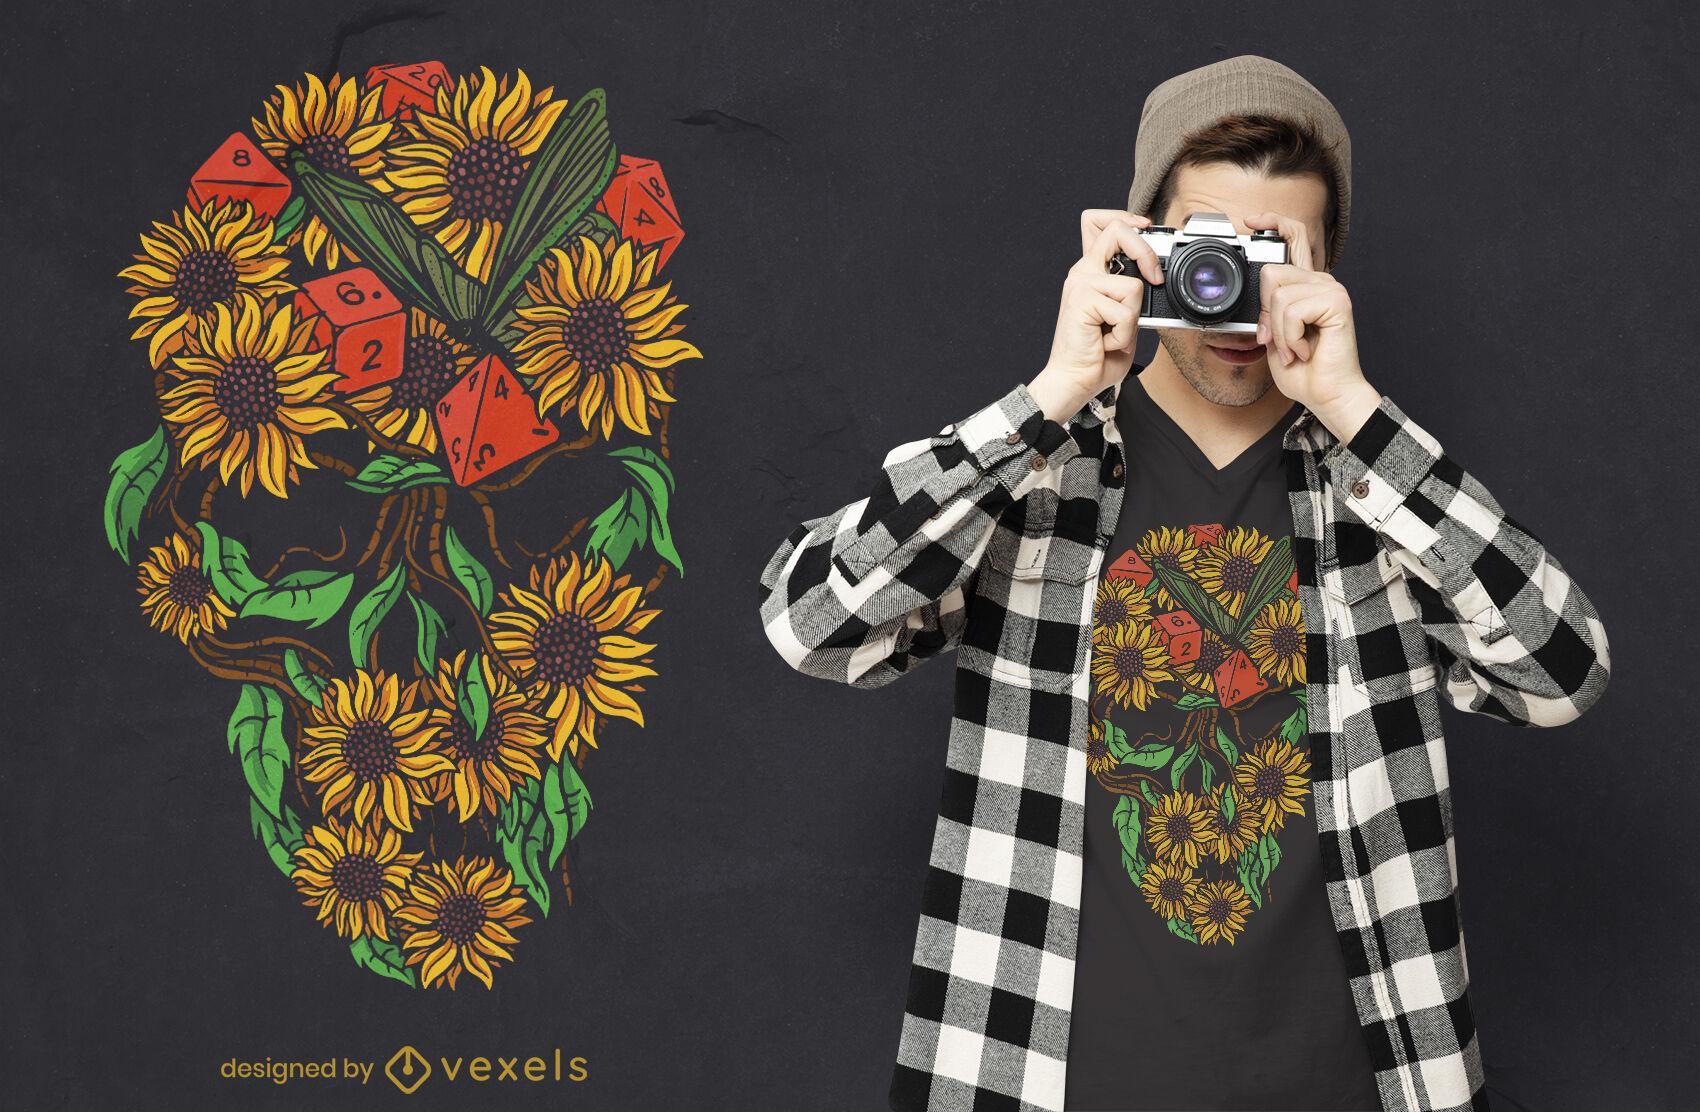 Sunflowers RPG skull t-shirt design